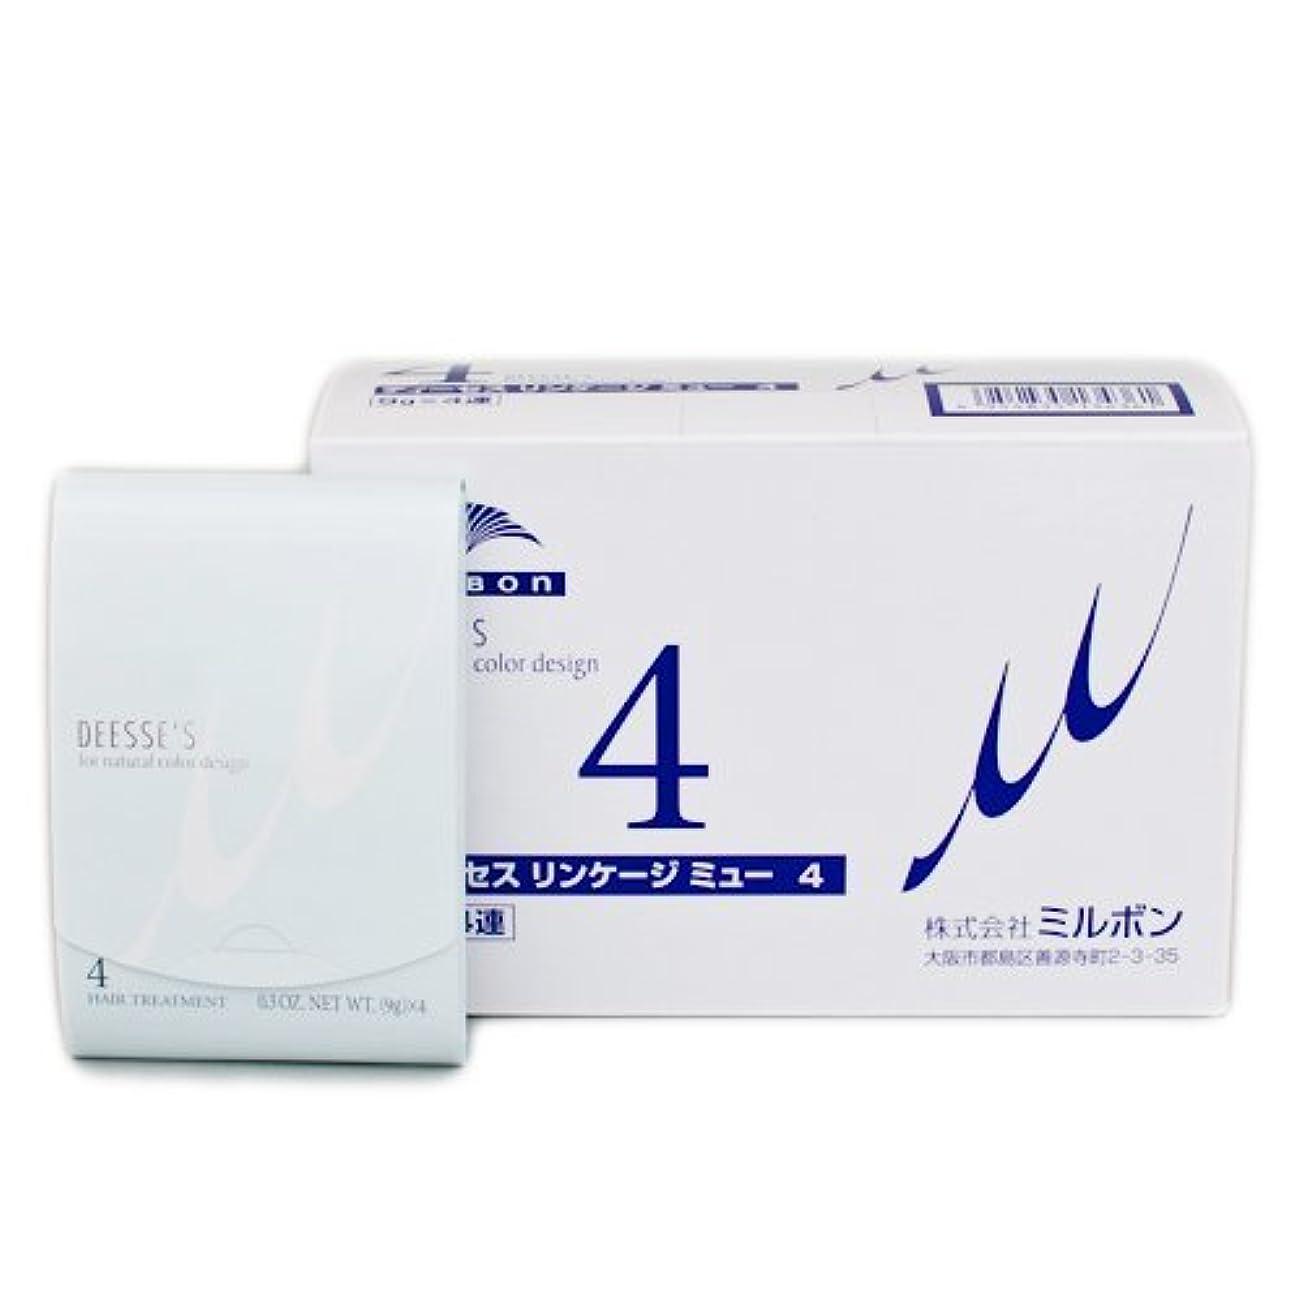 日記情熱的ドロップミルボン ディーセス リンケージ ミュー 4 業務用9g×4連×10入